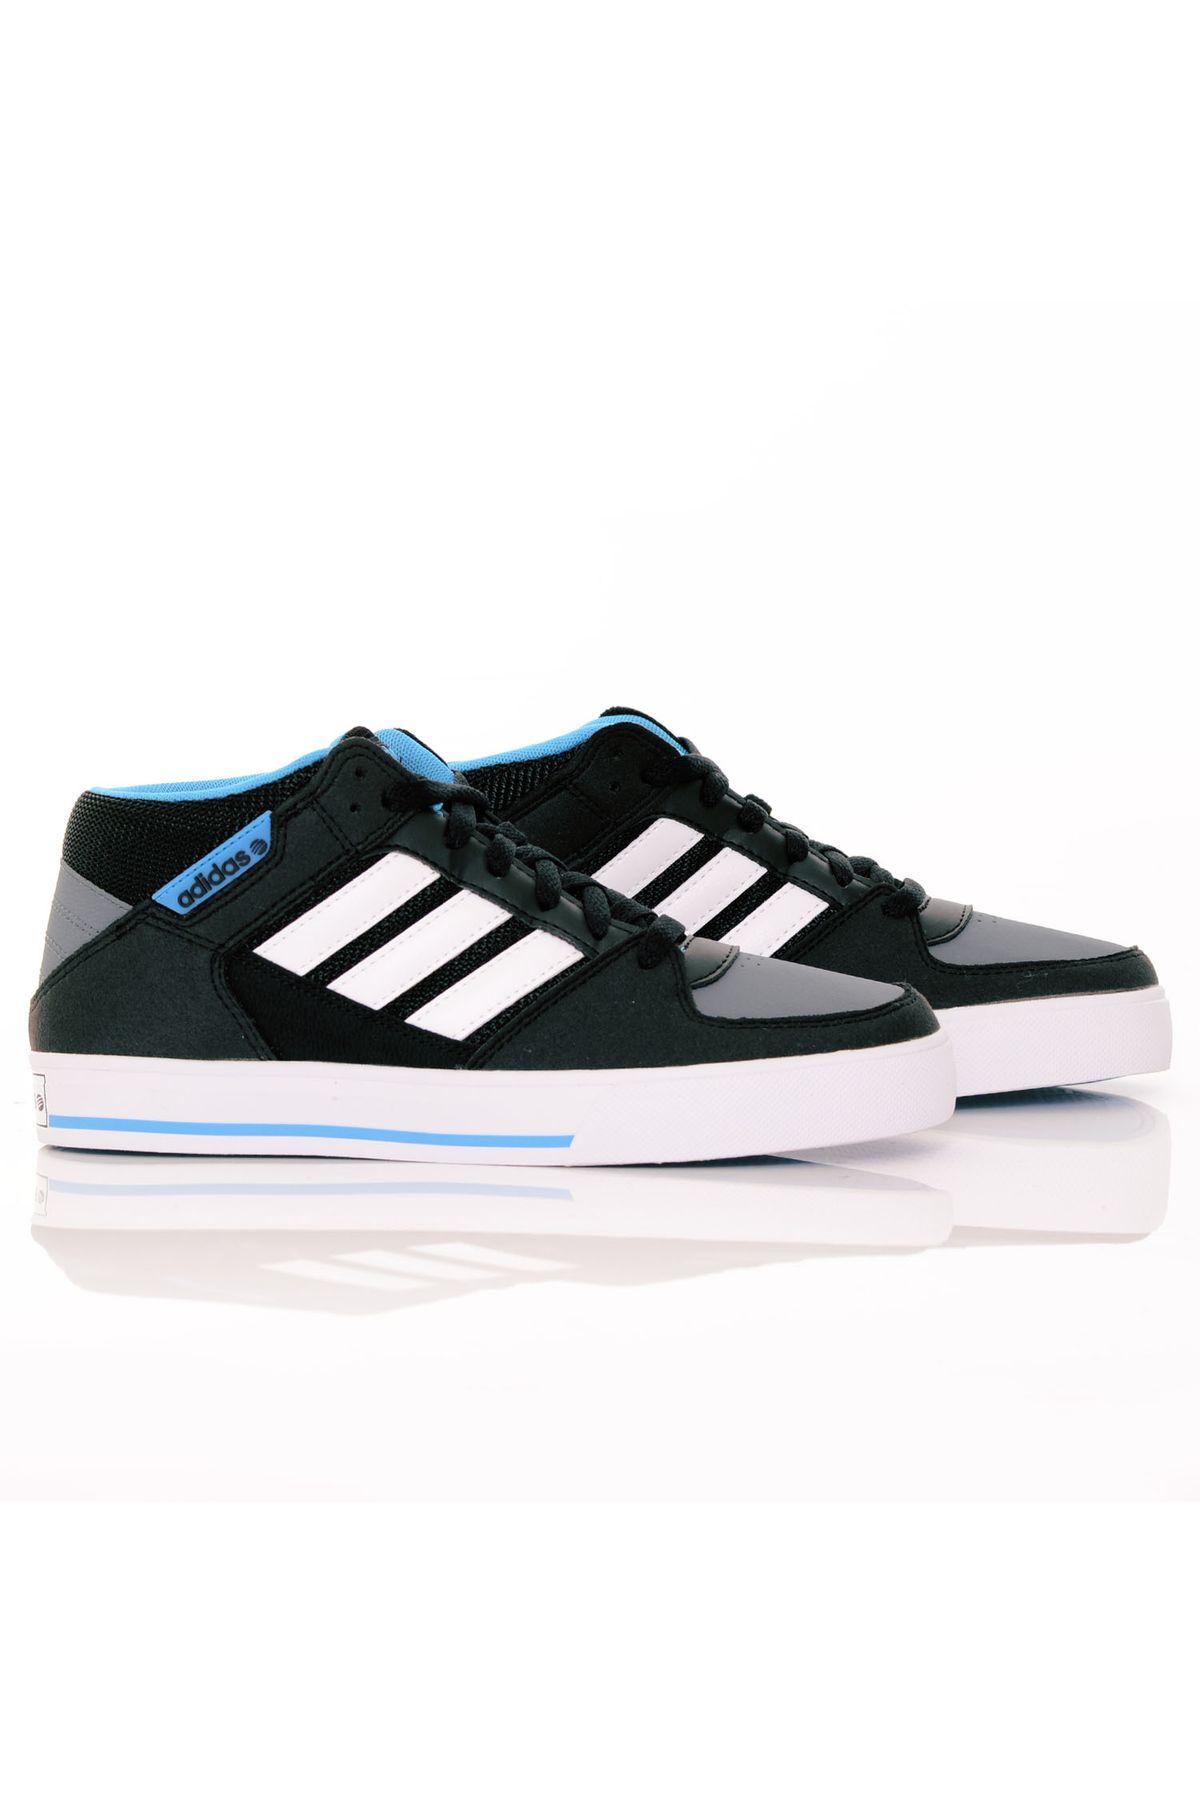 31e0990cff1 Tênis Adidas Skneo Grinder